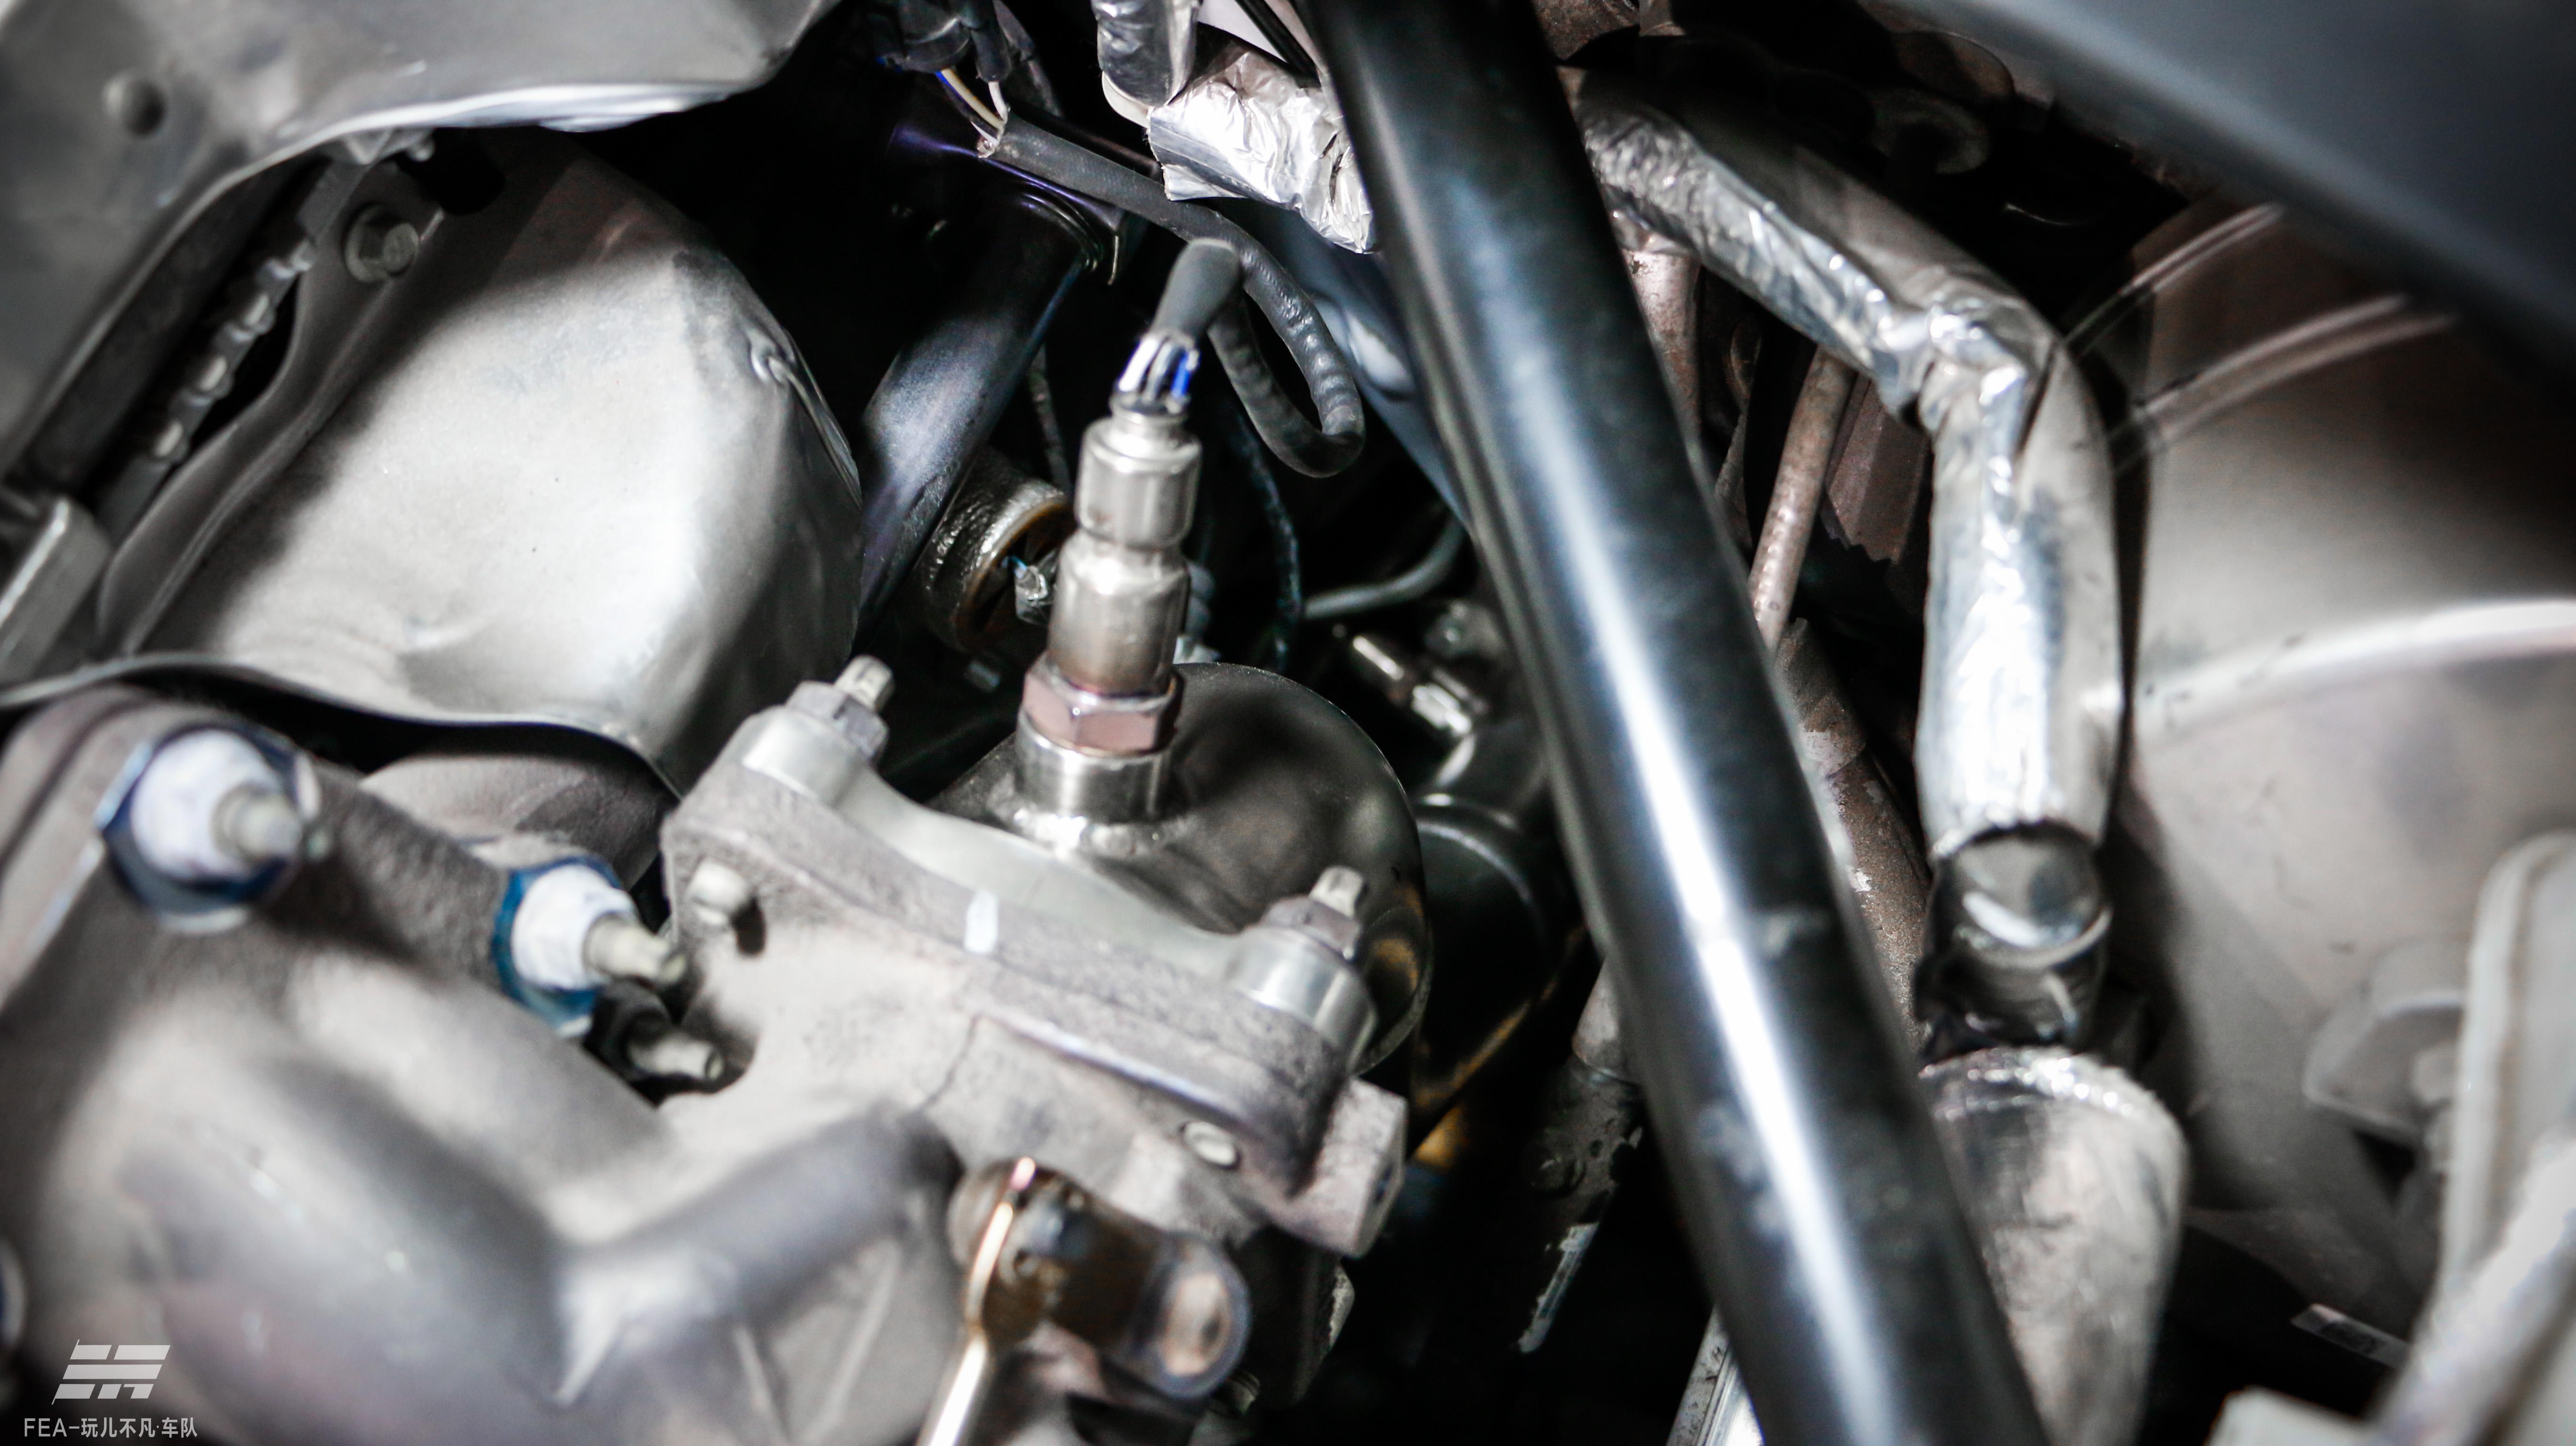 凯迪拉克ATS升级VHP直通头段KN空气滤芯